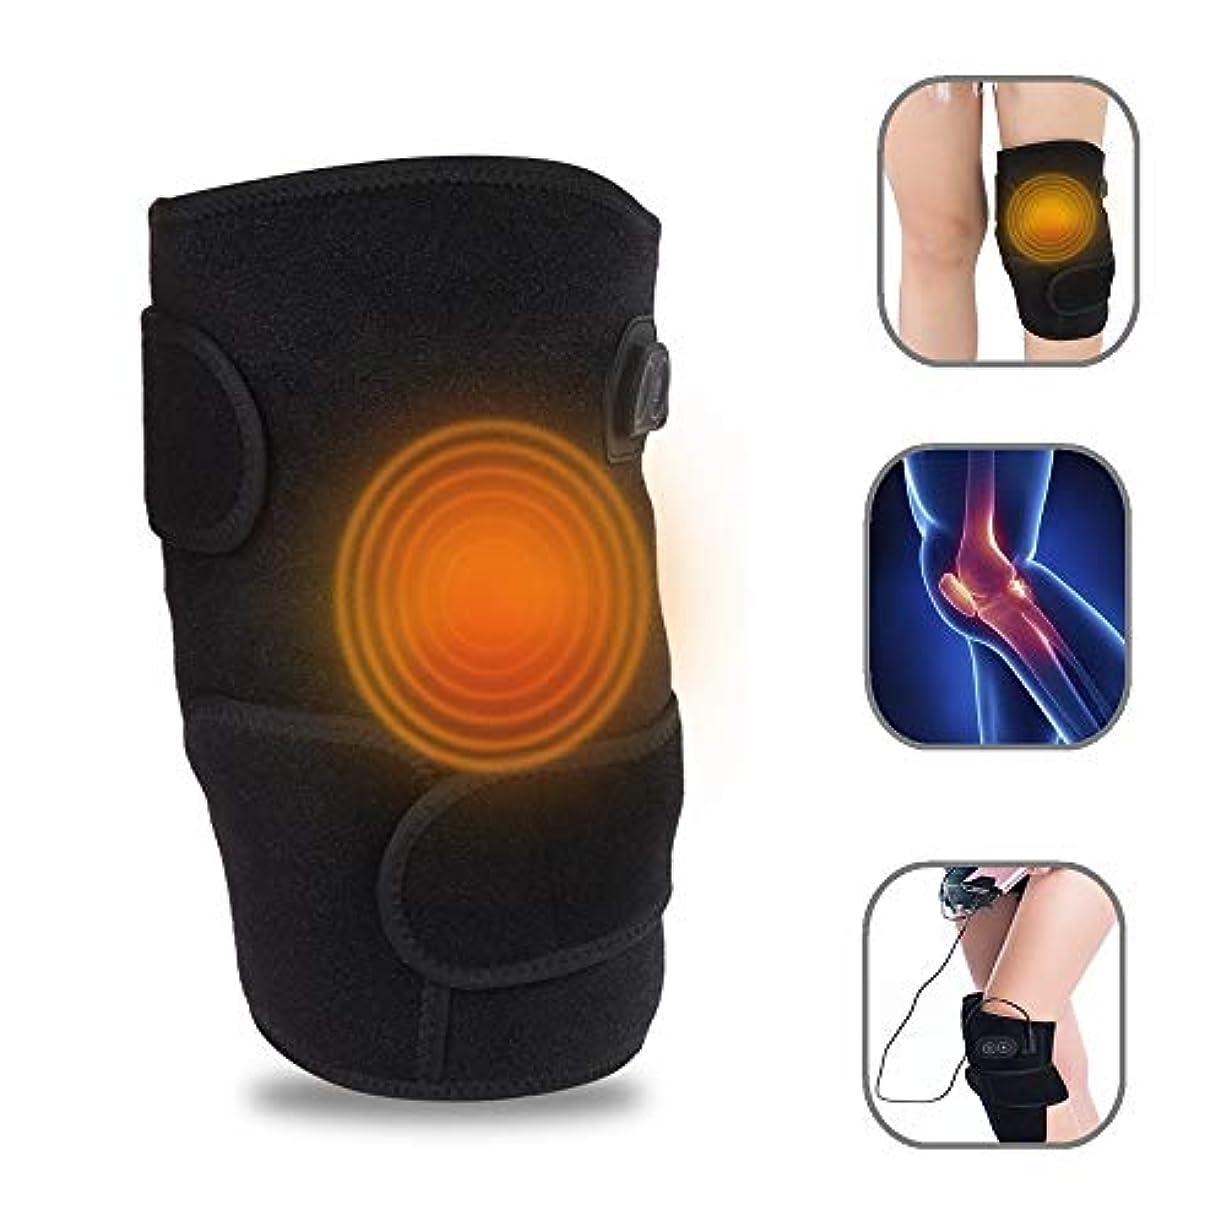 戸棚トラクター期待してマッサージ 膝の理学療法装置、膝の振動、膝の痛みを和らげる 電熱療法、 冬の暖かさ リウマチ